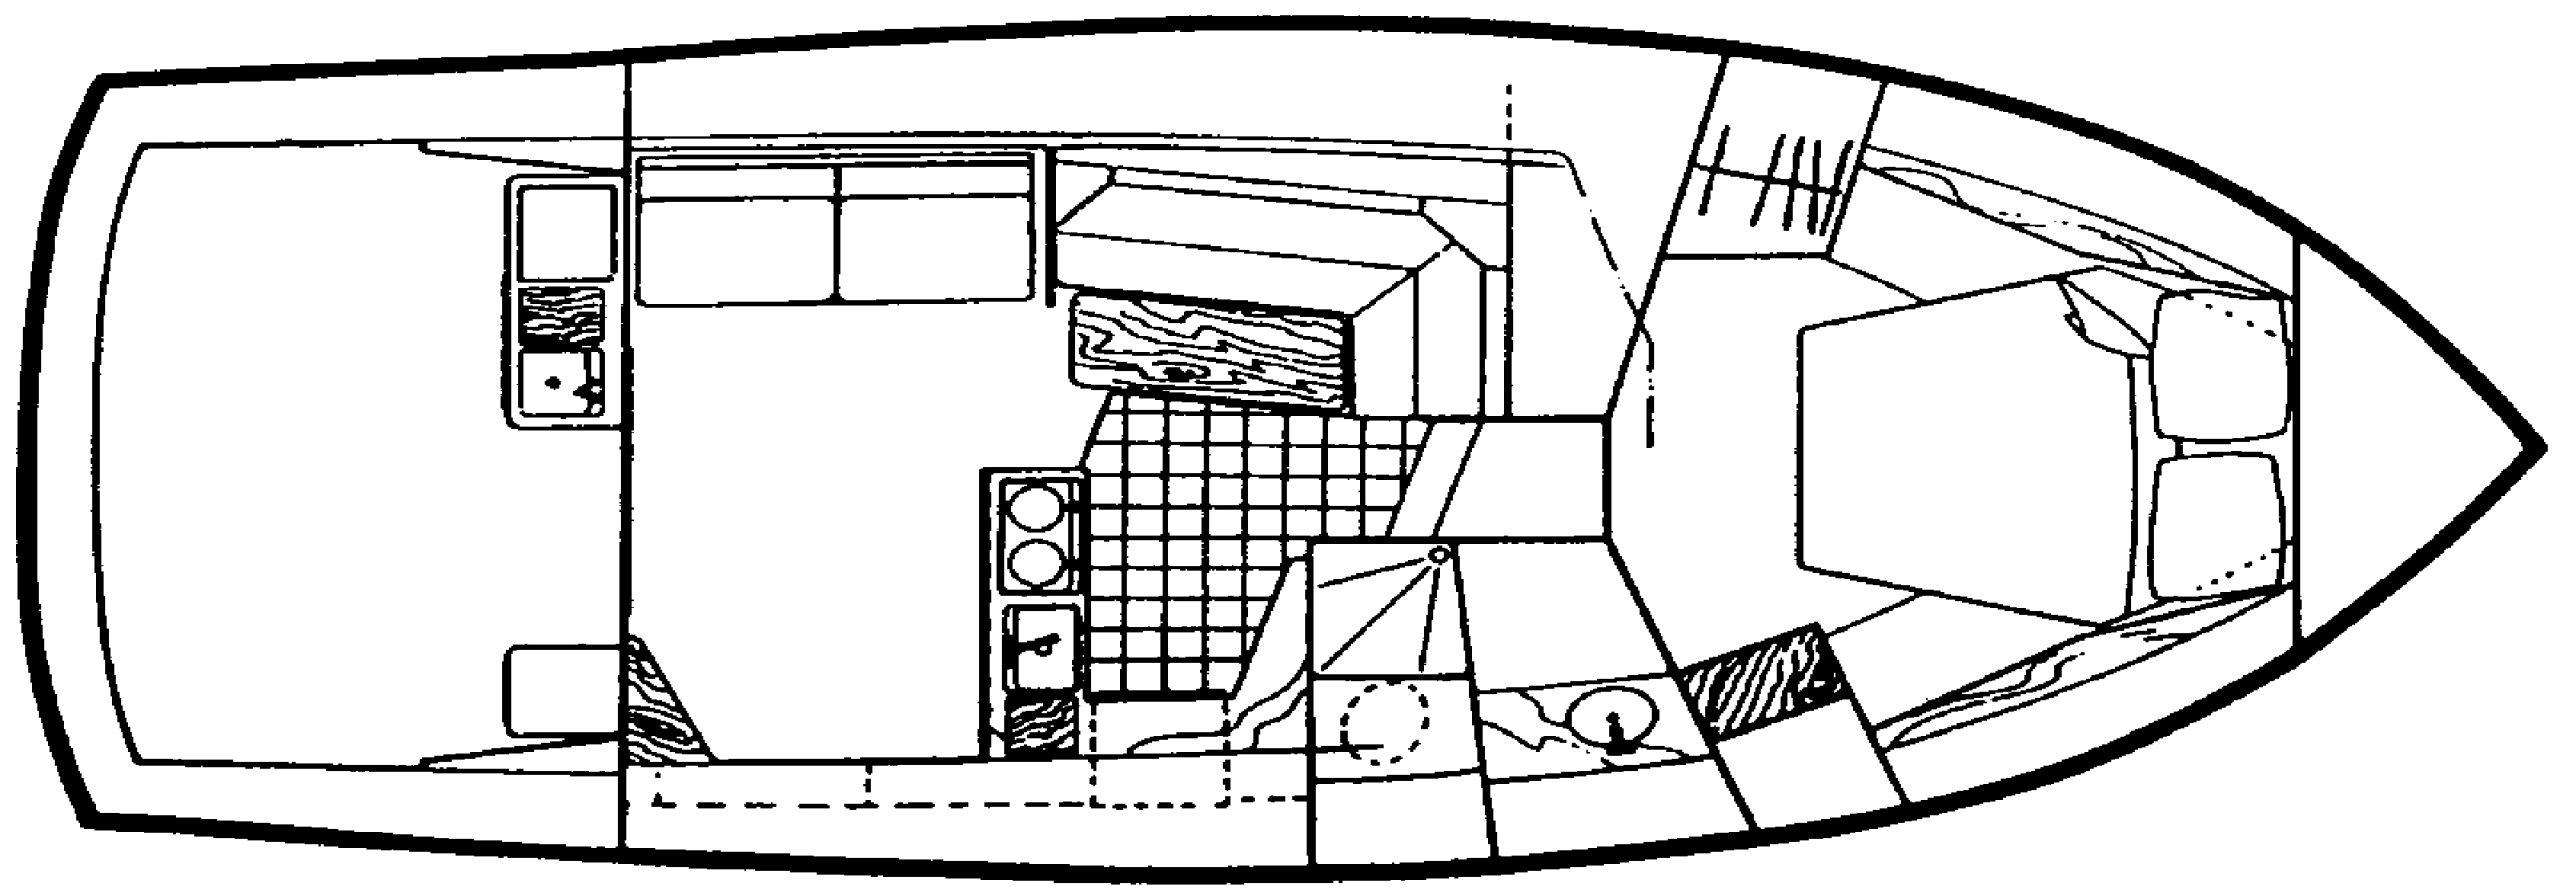 34 Convertible Floor Plan 1